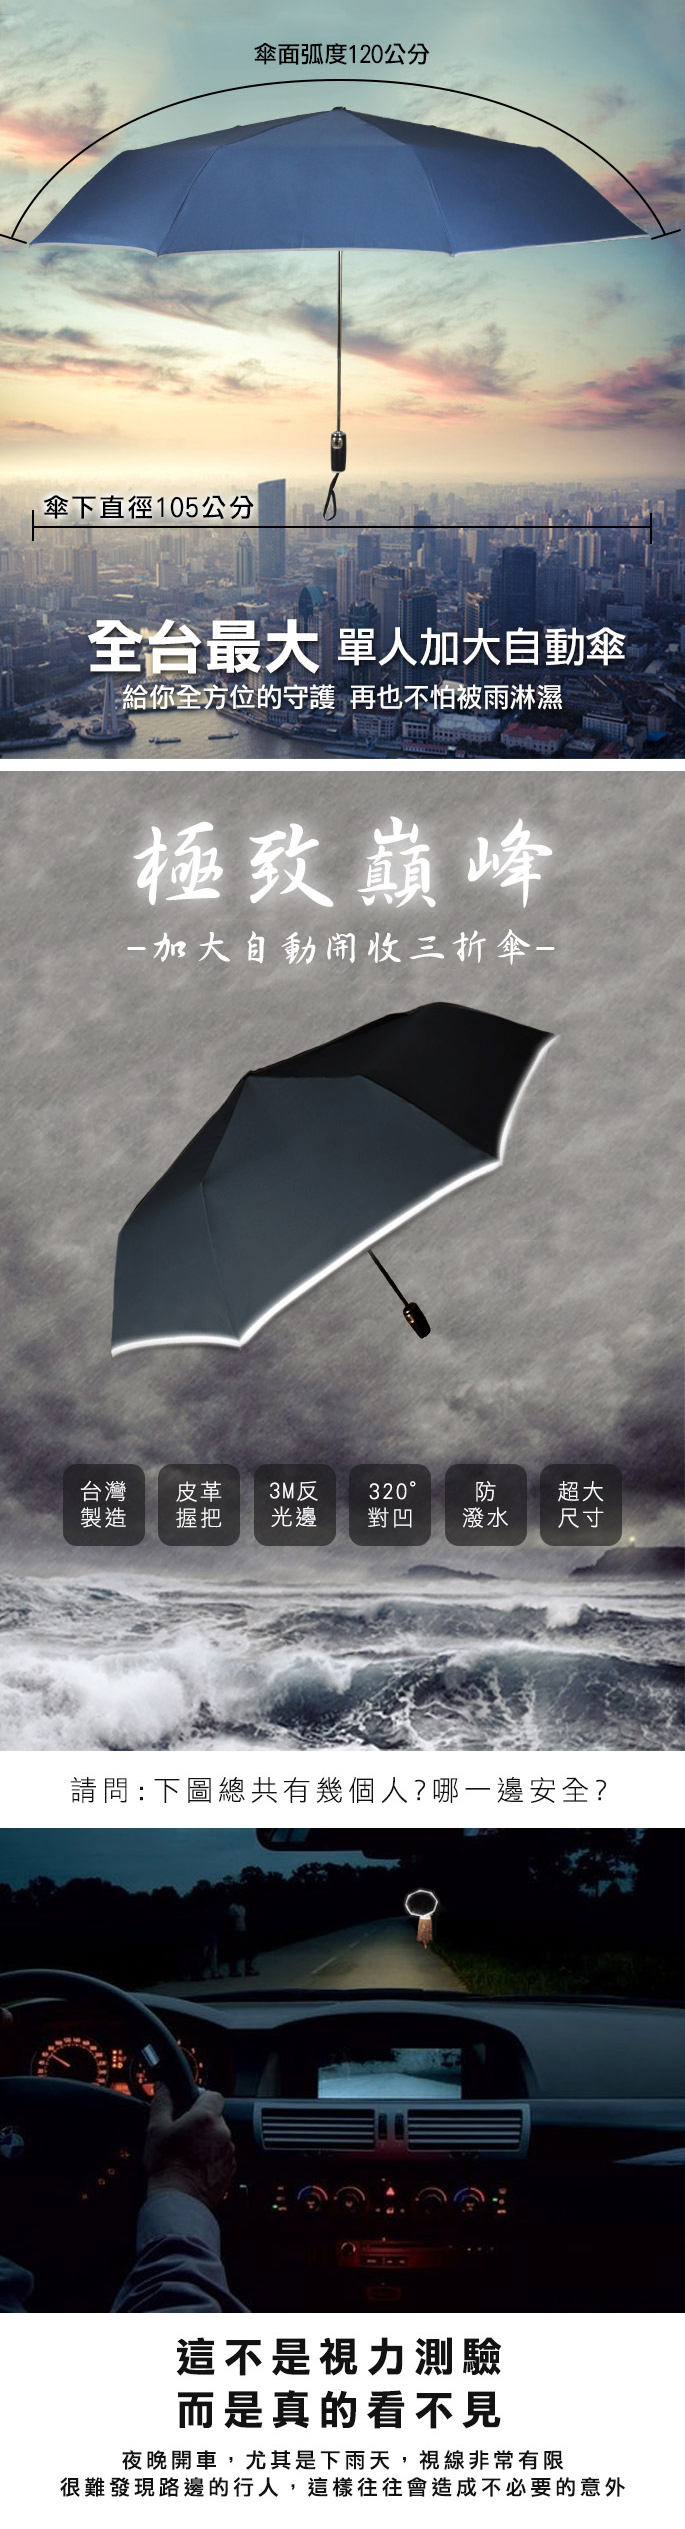 【雨傘達人*免運費*2支920元*史上最防風/最抗UV最安全晴雨兩用自動傘】防風折疊傘反向傘防曬遮陽降溫抗風抗UV大傘面